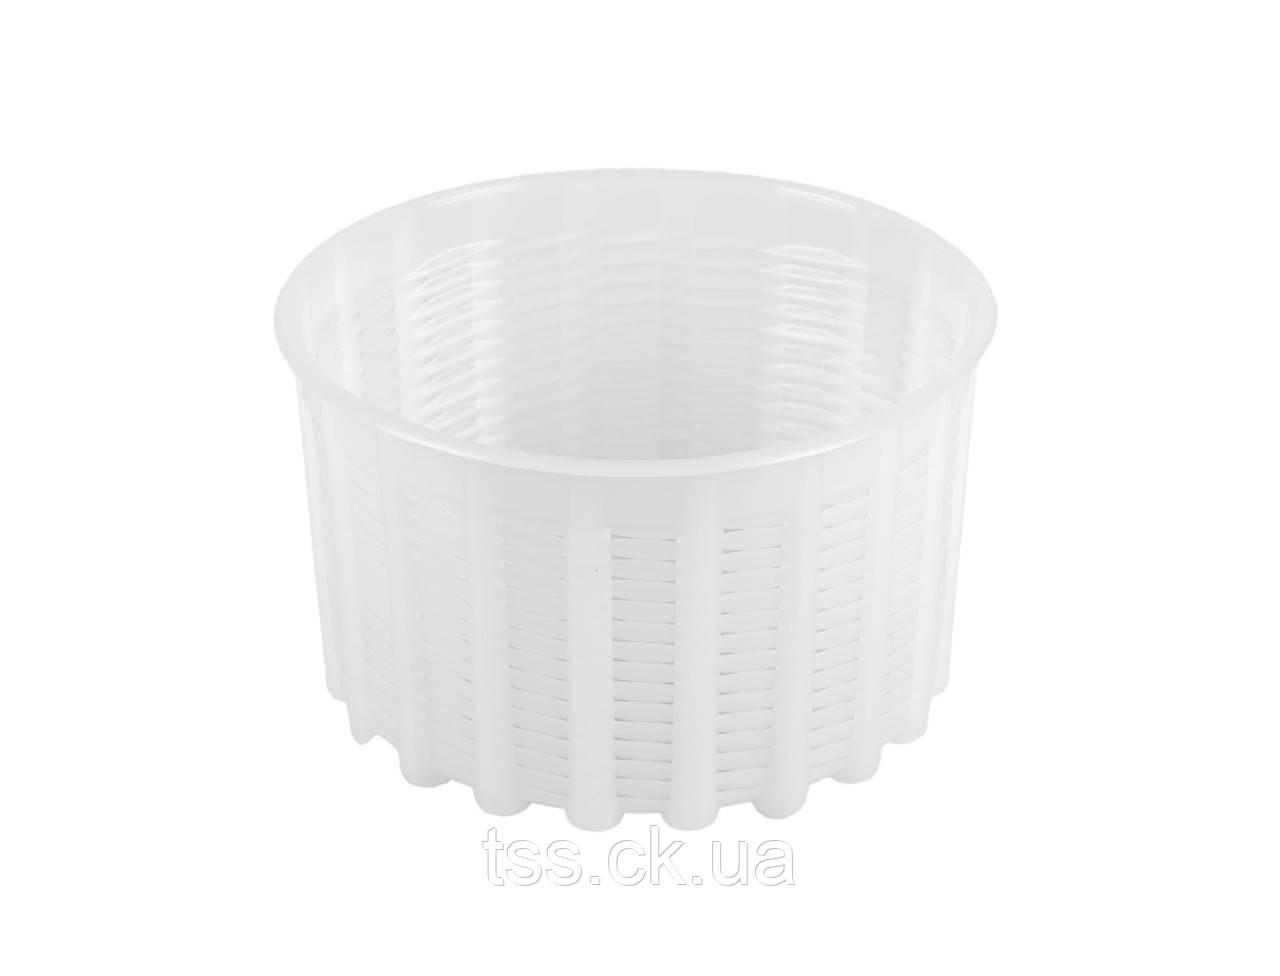 Форма для изготовления мягкого сыра на 0,6 л ГОСПОДАР 92-1234